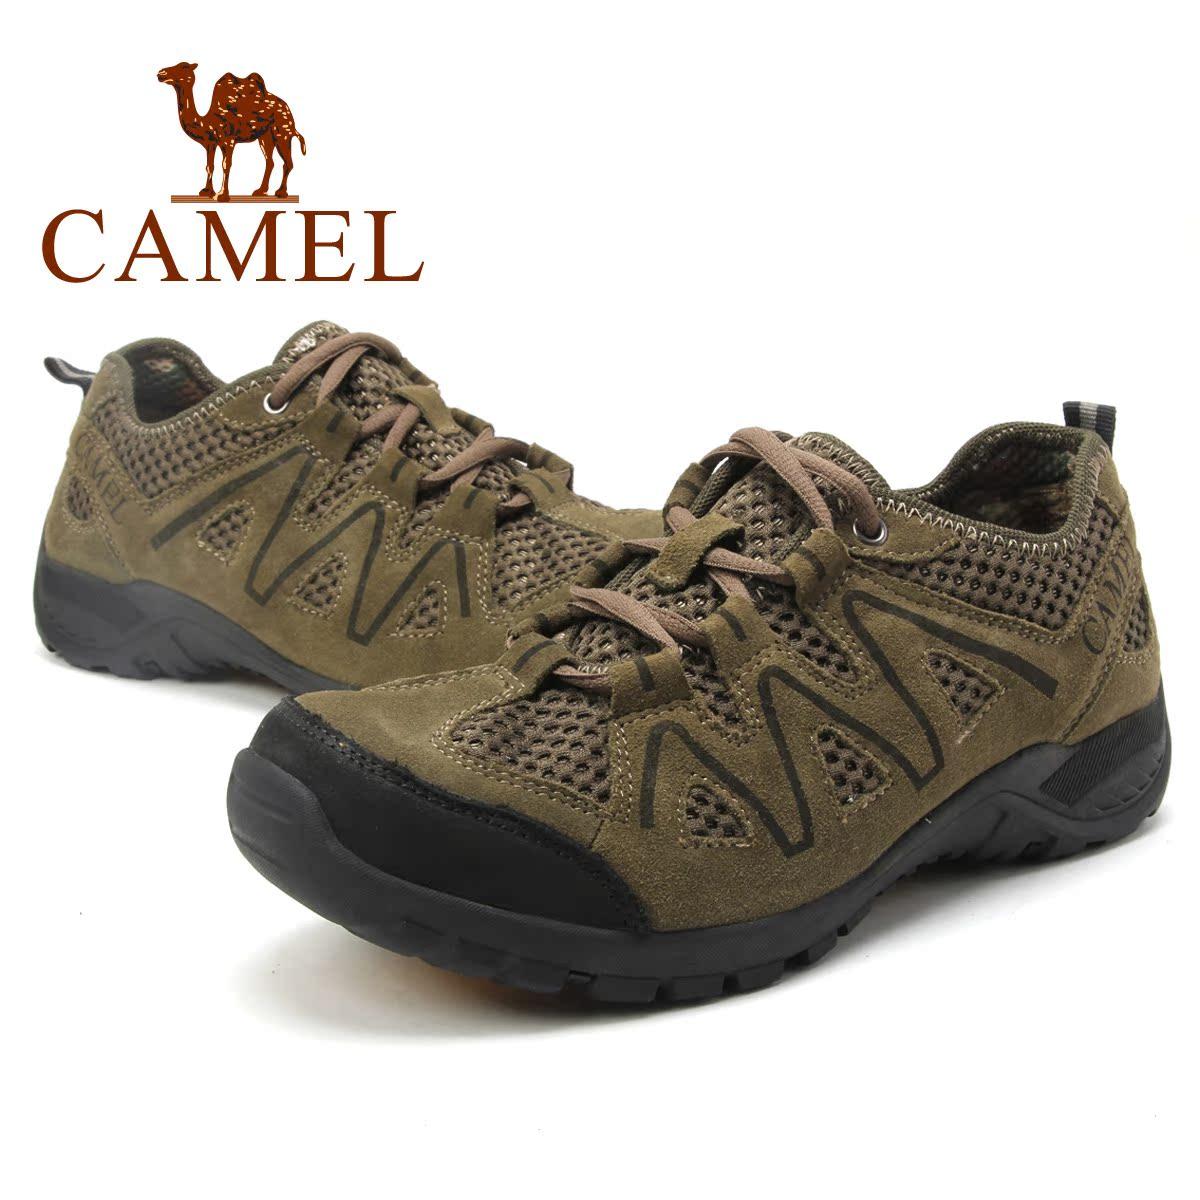 трекинговые кроссовки Camel 2001327. 2001327 Camel Китай Мужчины